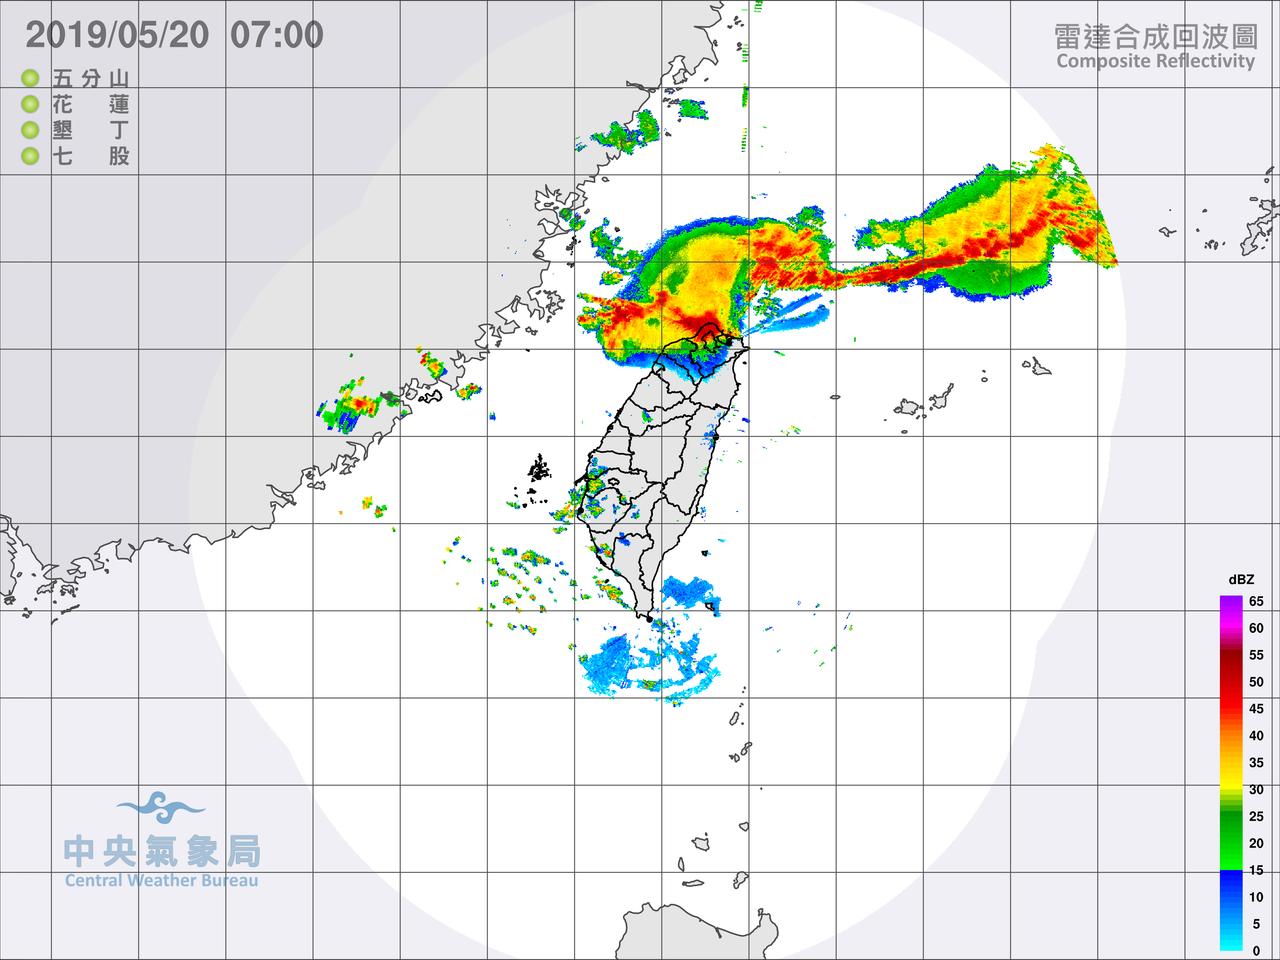 梅雨季第三道鋒面上午抵達北部、一路往南,帶來陣雨及雷雨,不排除伴隨劇烈天氣(雷擊...